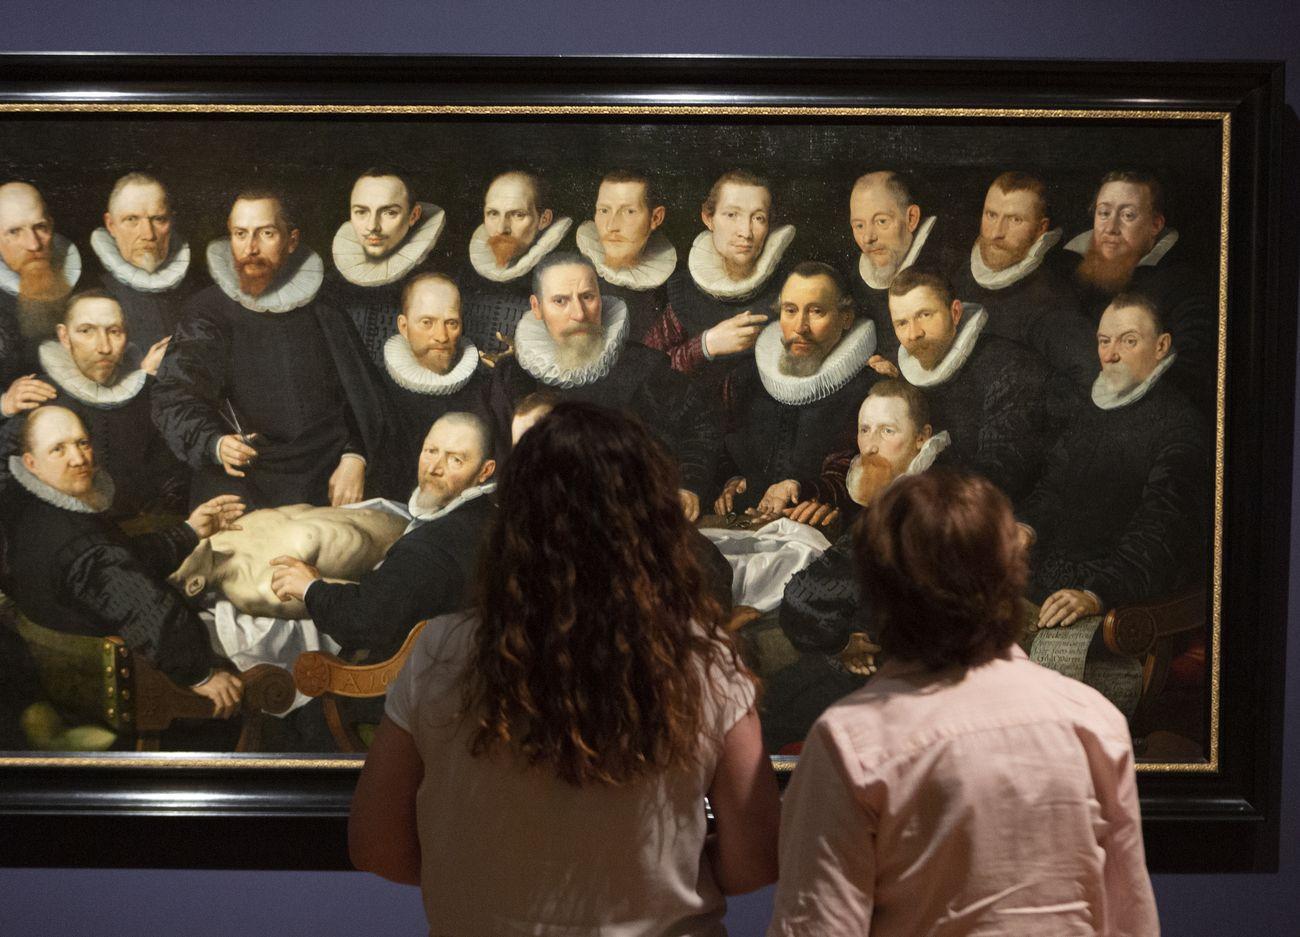 Velázquez, Rembrandt, Vermeer. Miradas afines. Exhibition view at Museo Nacional del Prado, Madrid 2019